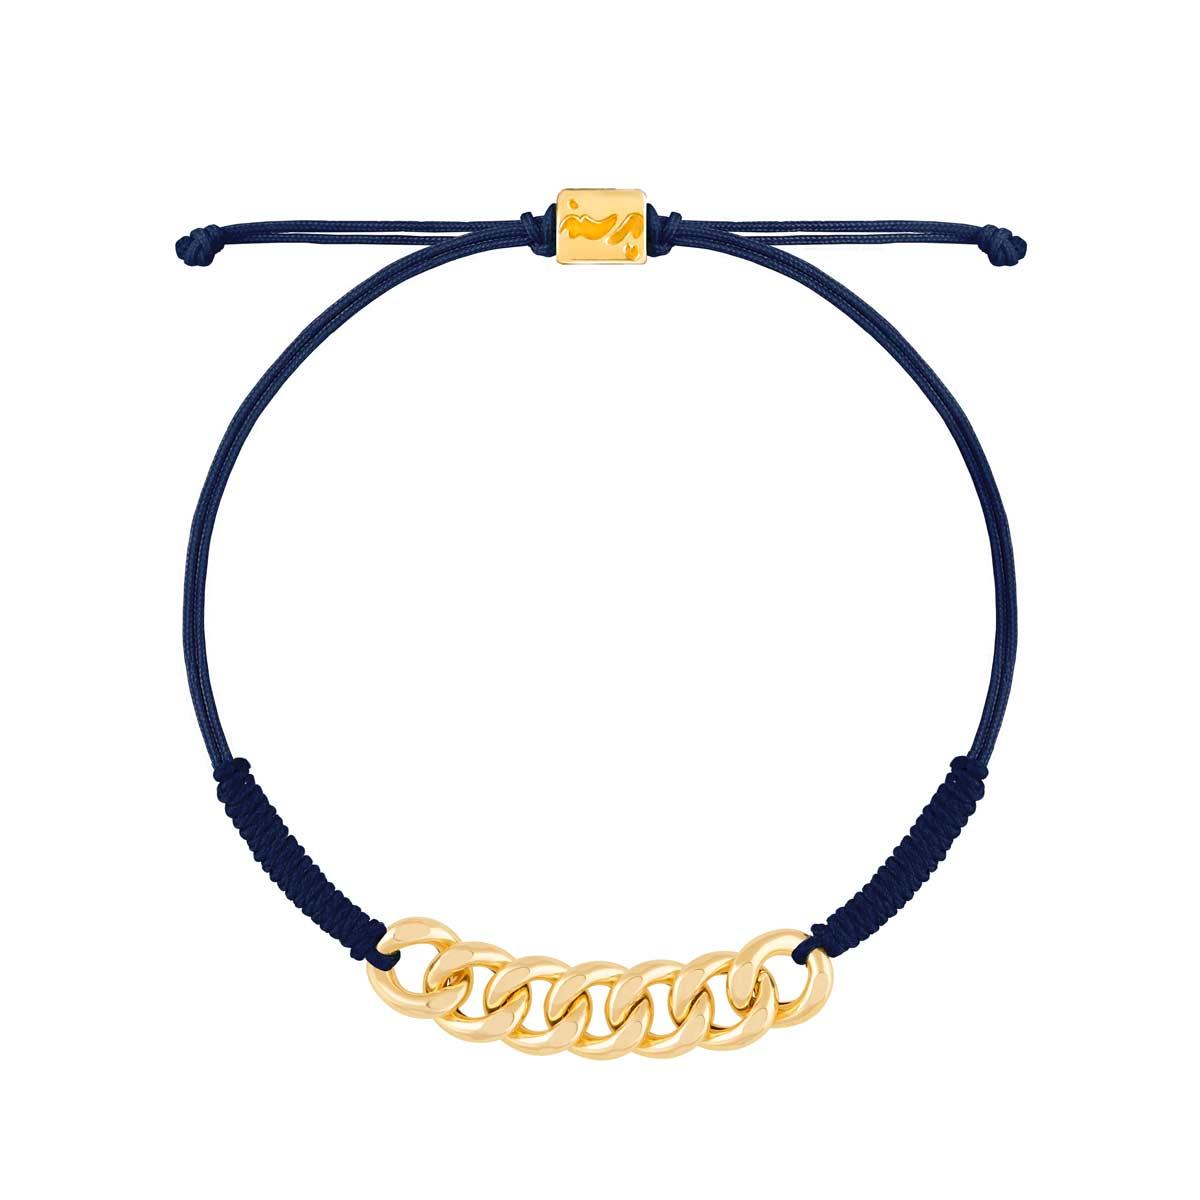 دستبند طلا بافت هفت حلقه کارتیه سرمه ای